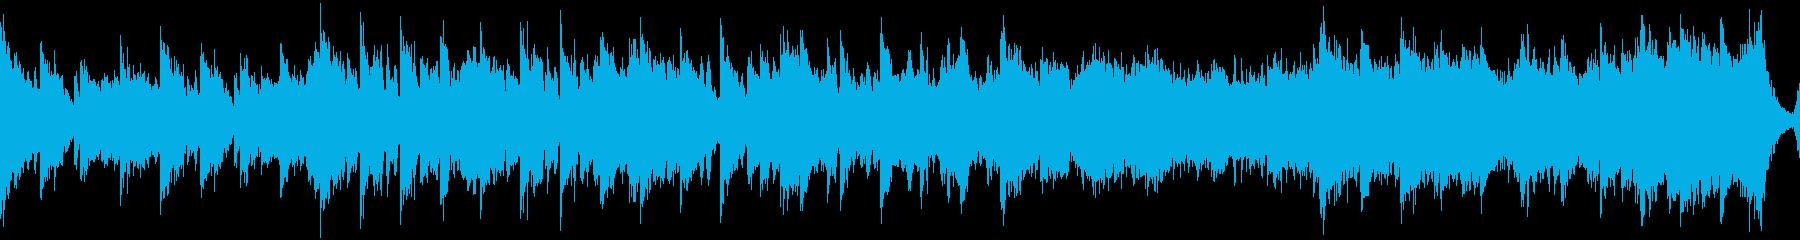 中華風の穏やかなBGM・ループの再生済みの波形